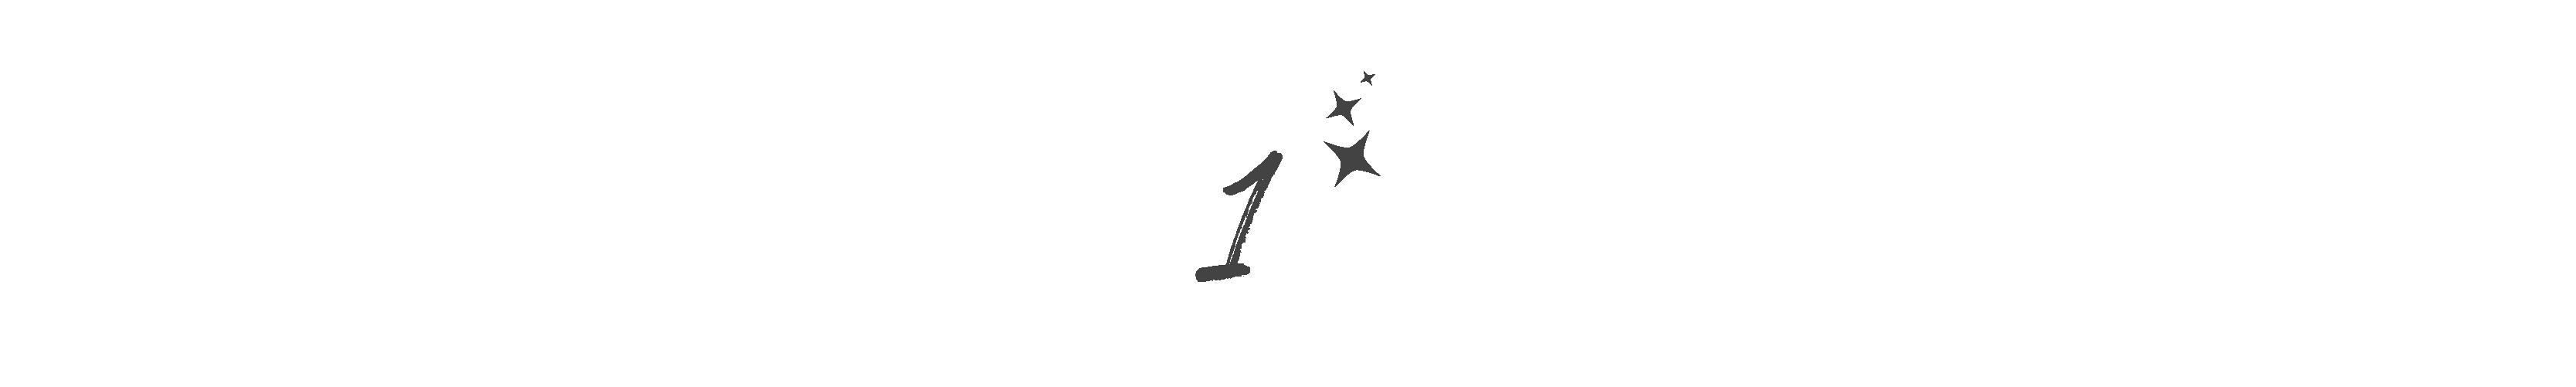 הגן הקסום: 5 צעדים לחתונת הגן המושלמת